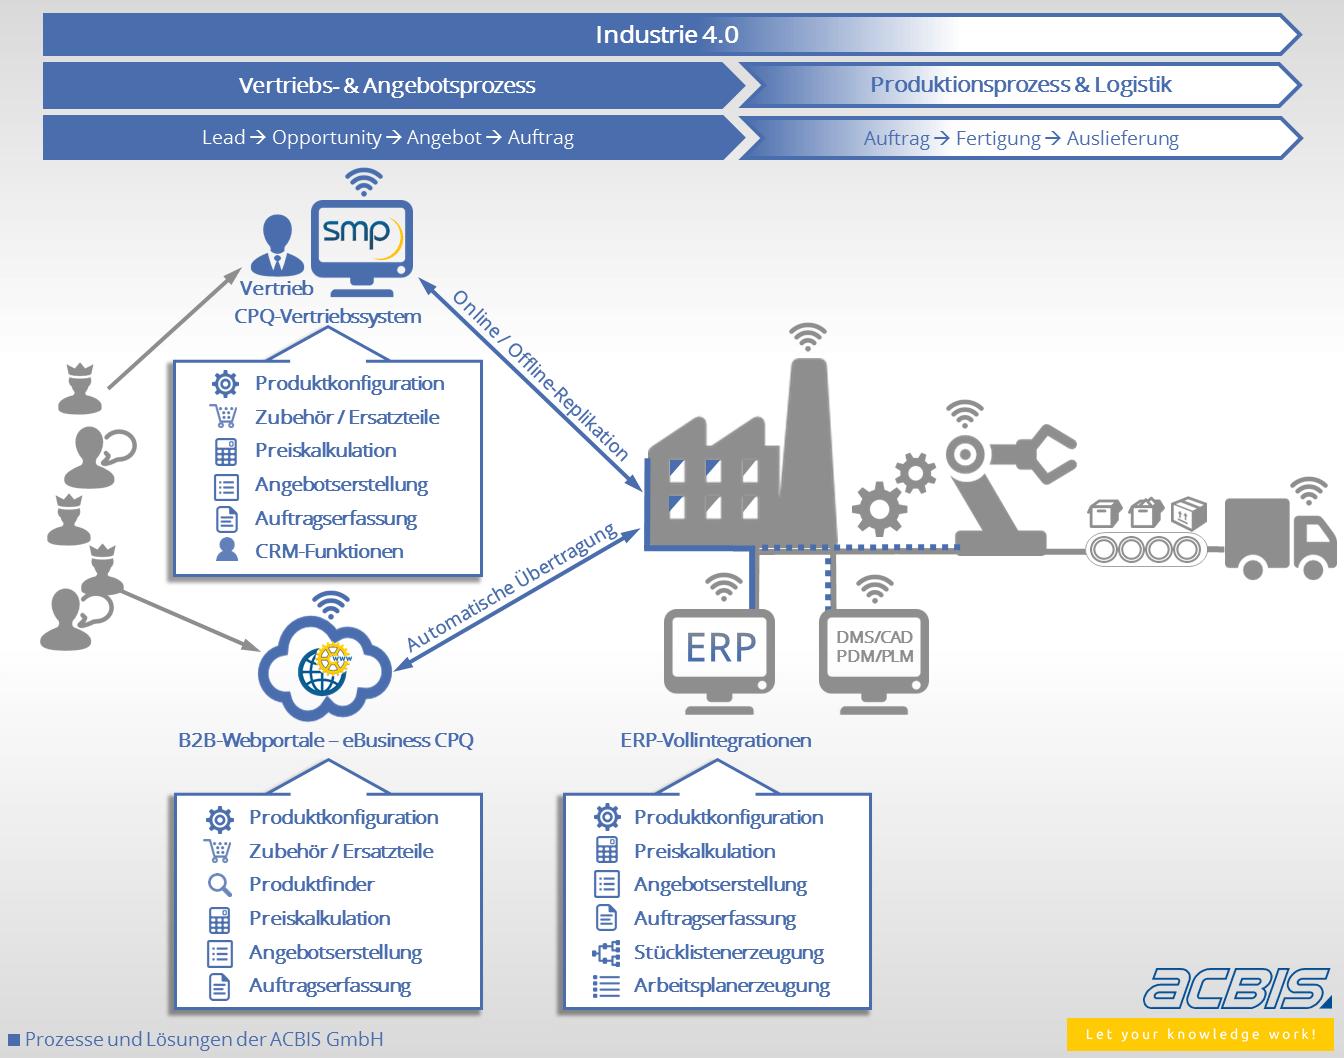 Industrie 4.0 auch im Vertrieb mit der ACBIS GmbH